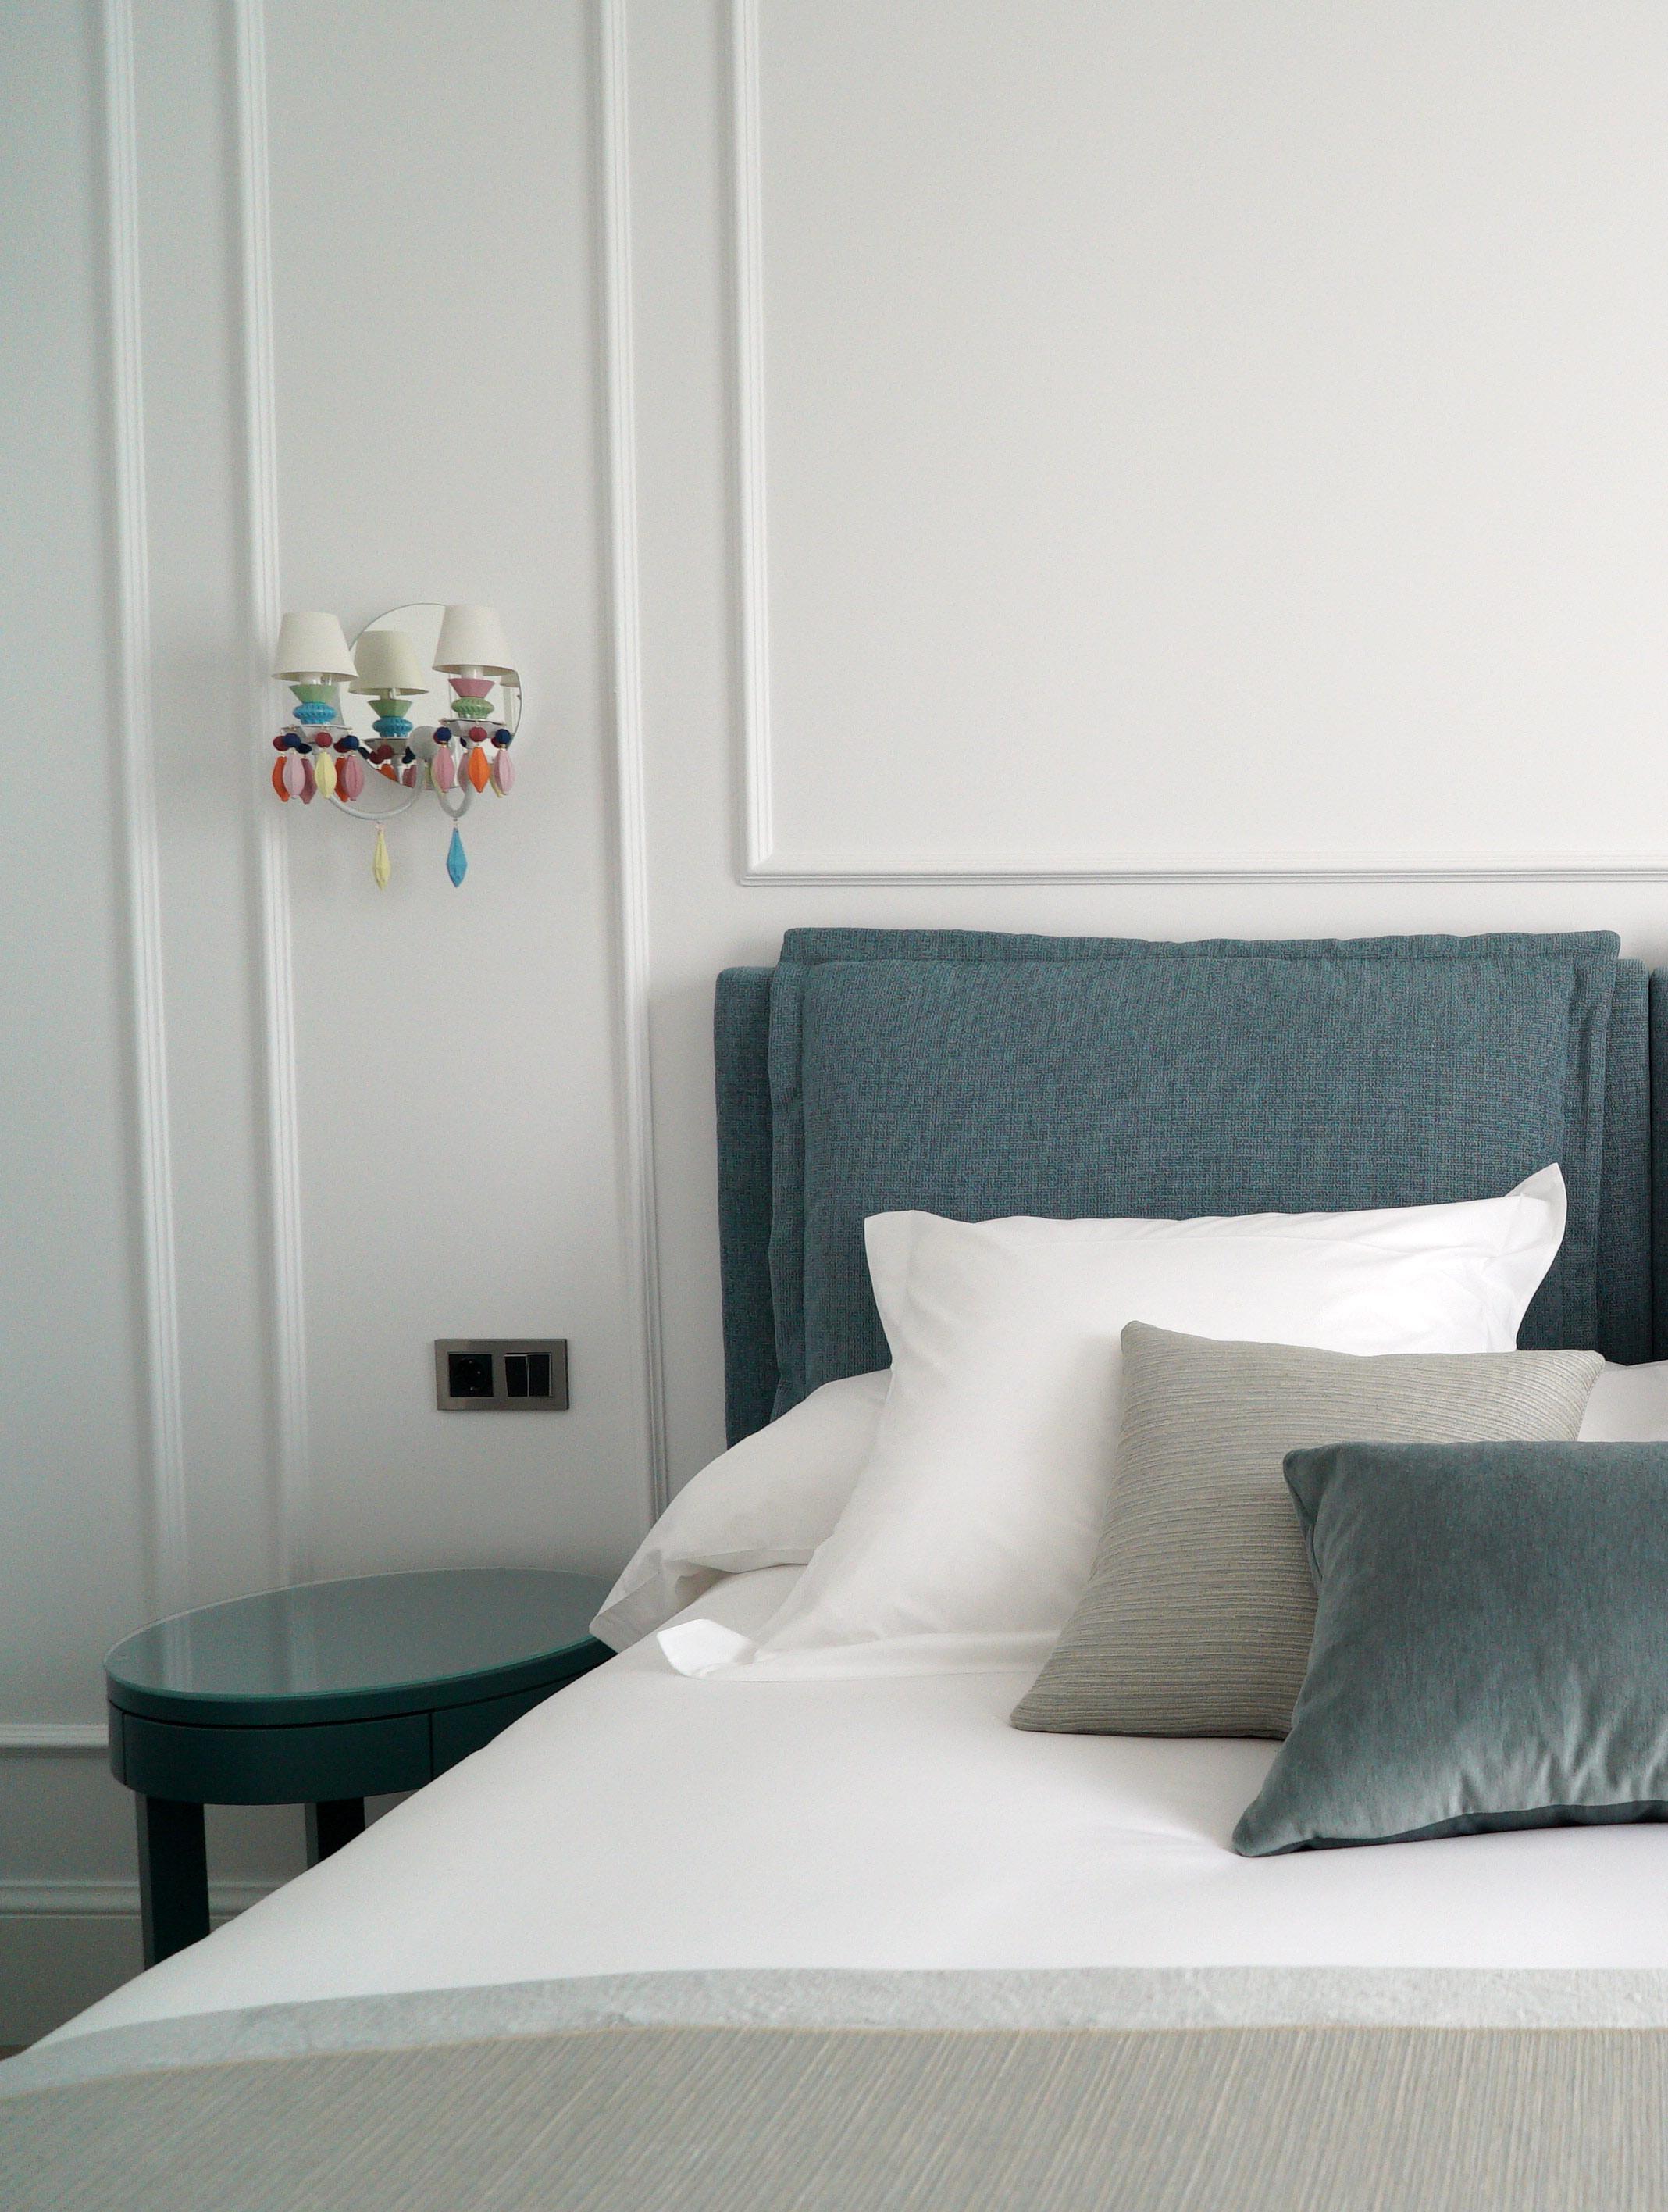 Détail tête de lit coussin bleu gris blanc et suspension colorée